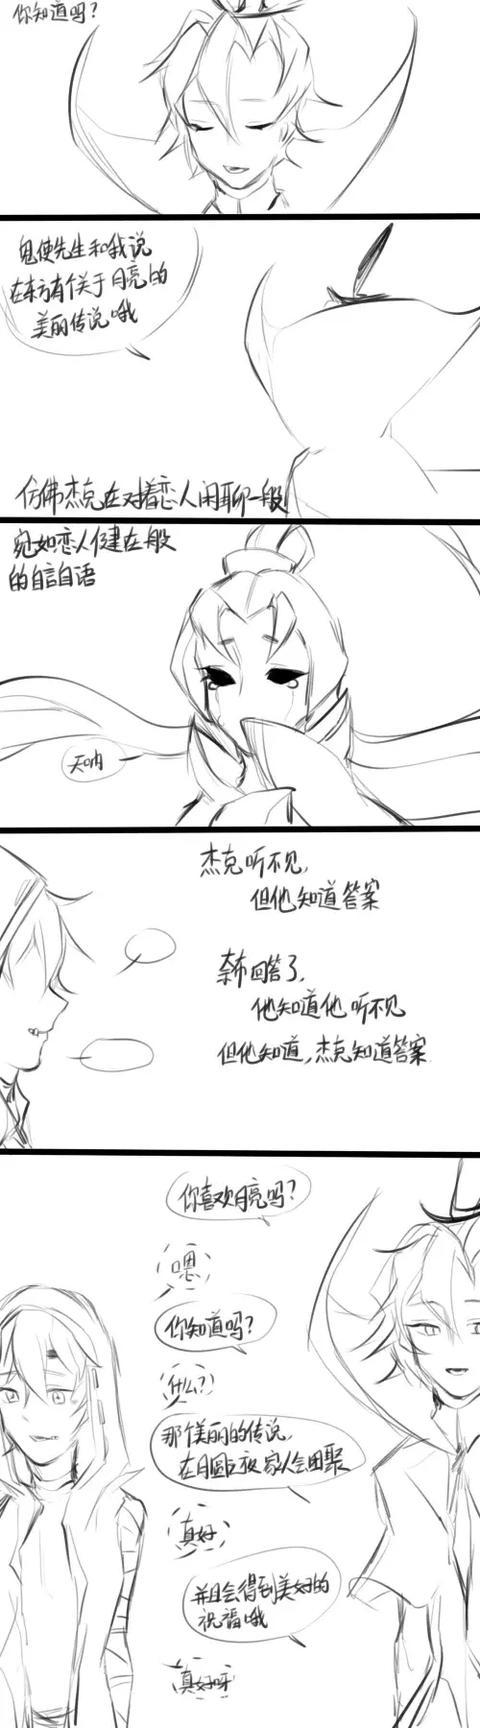 傑克:勿忘我與玫瑰交織。是誰在演奏紫羅蘭之歌 奈布:是我 - 每日頭條